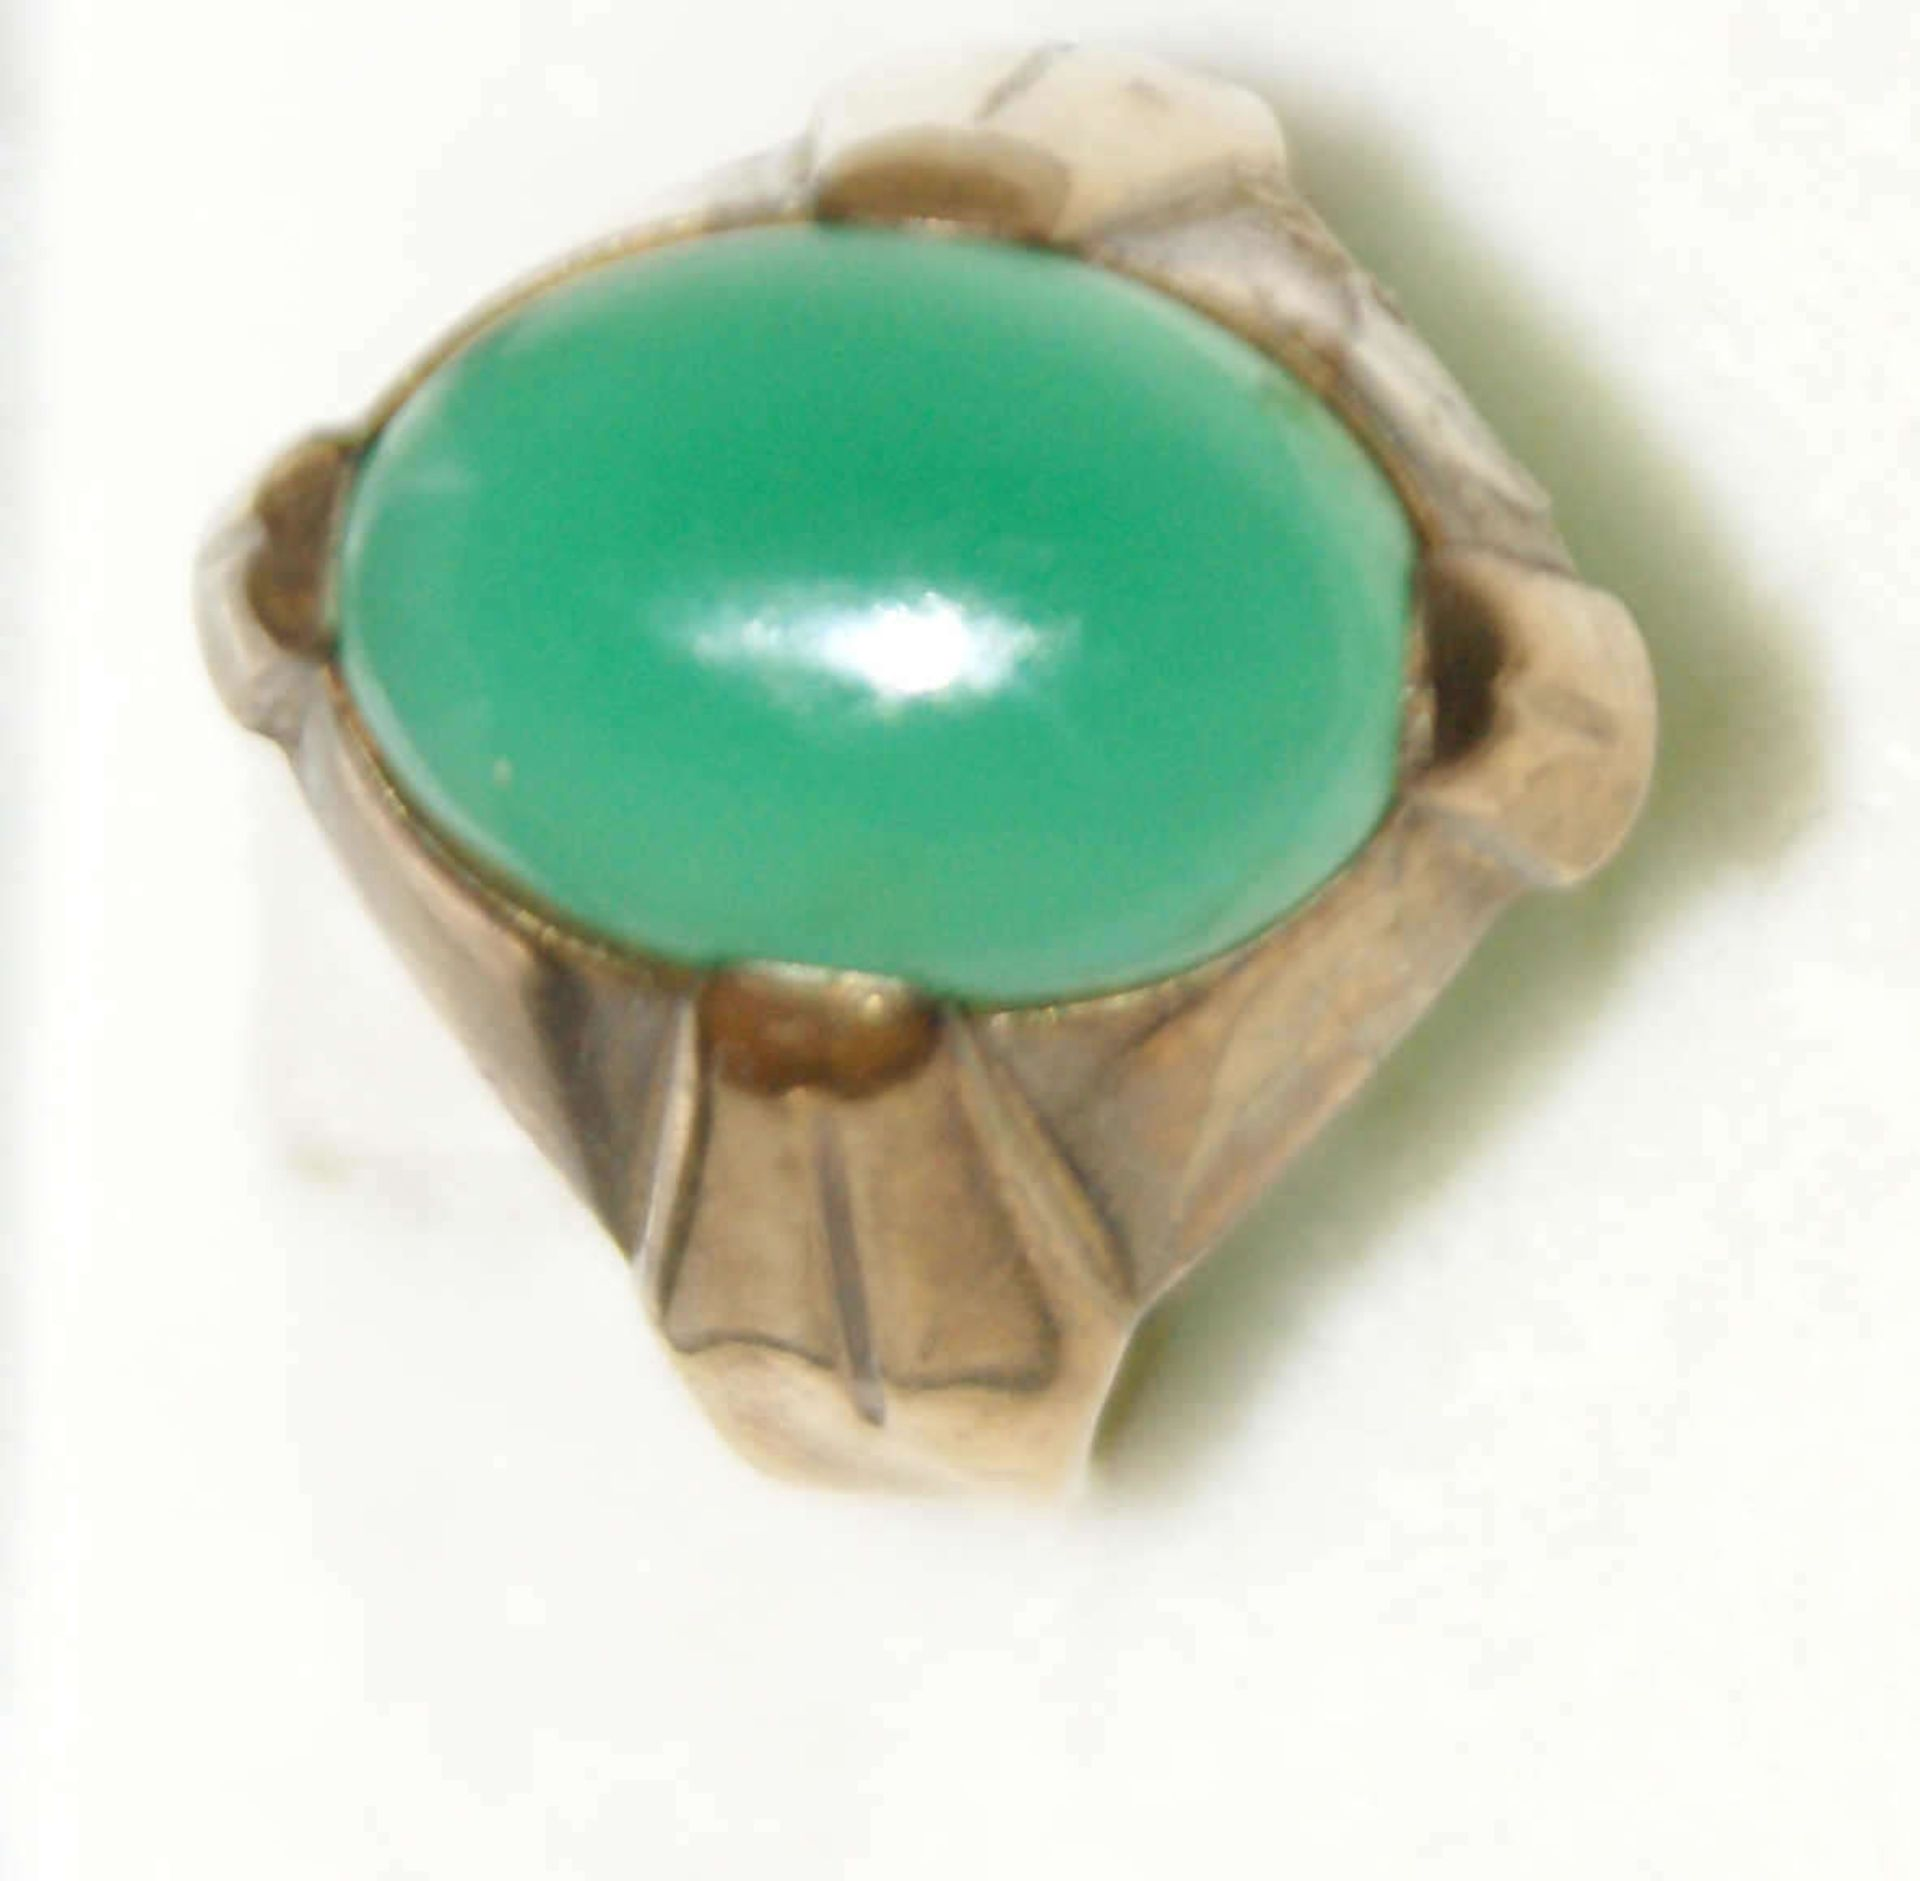 Damenring, 333er Gelbgold, besetzt mit grünem Halbedelstein. Ringgröße 50, Gewicht ca. 4 g